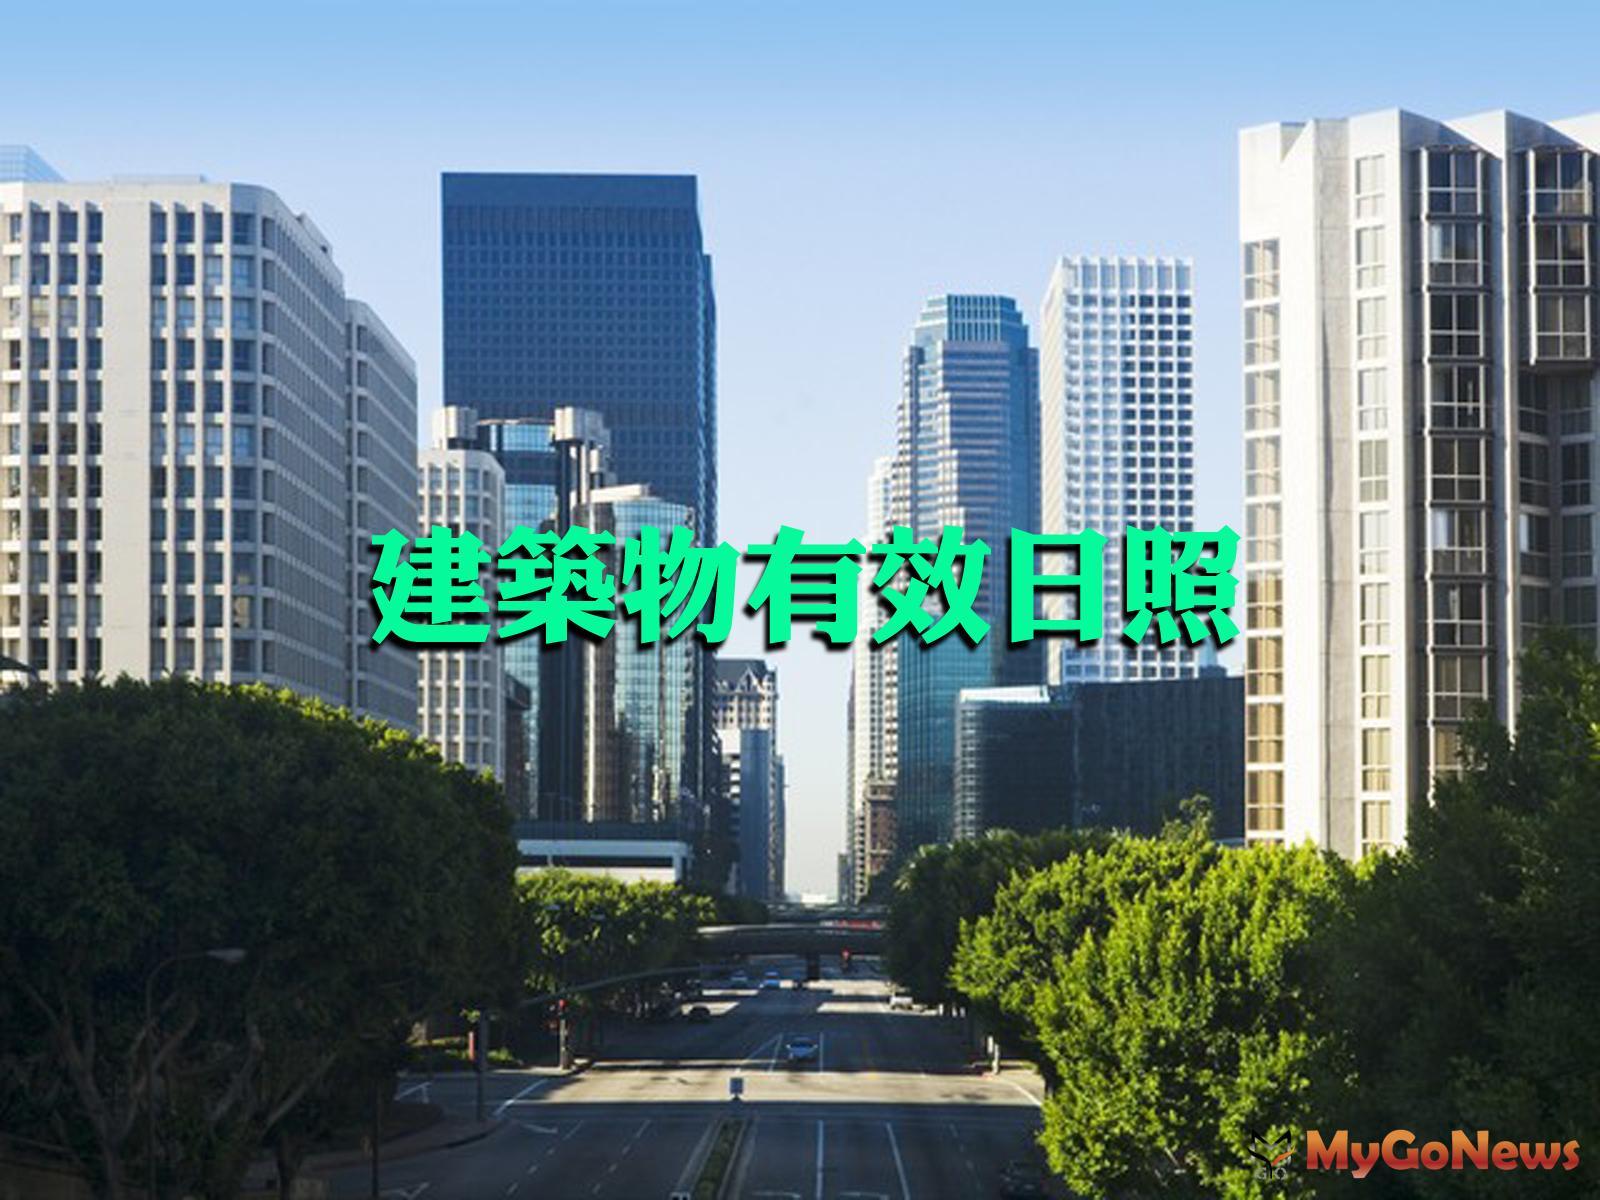 「台北市建築物有效日照檢討執行辦法」率全國之先通過內政部核定 MyGoNews房地產新聞 區域情報